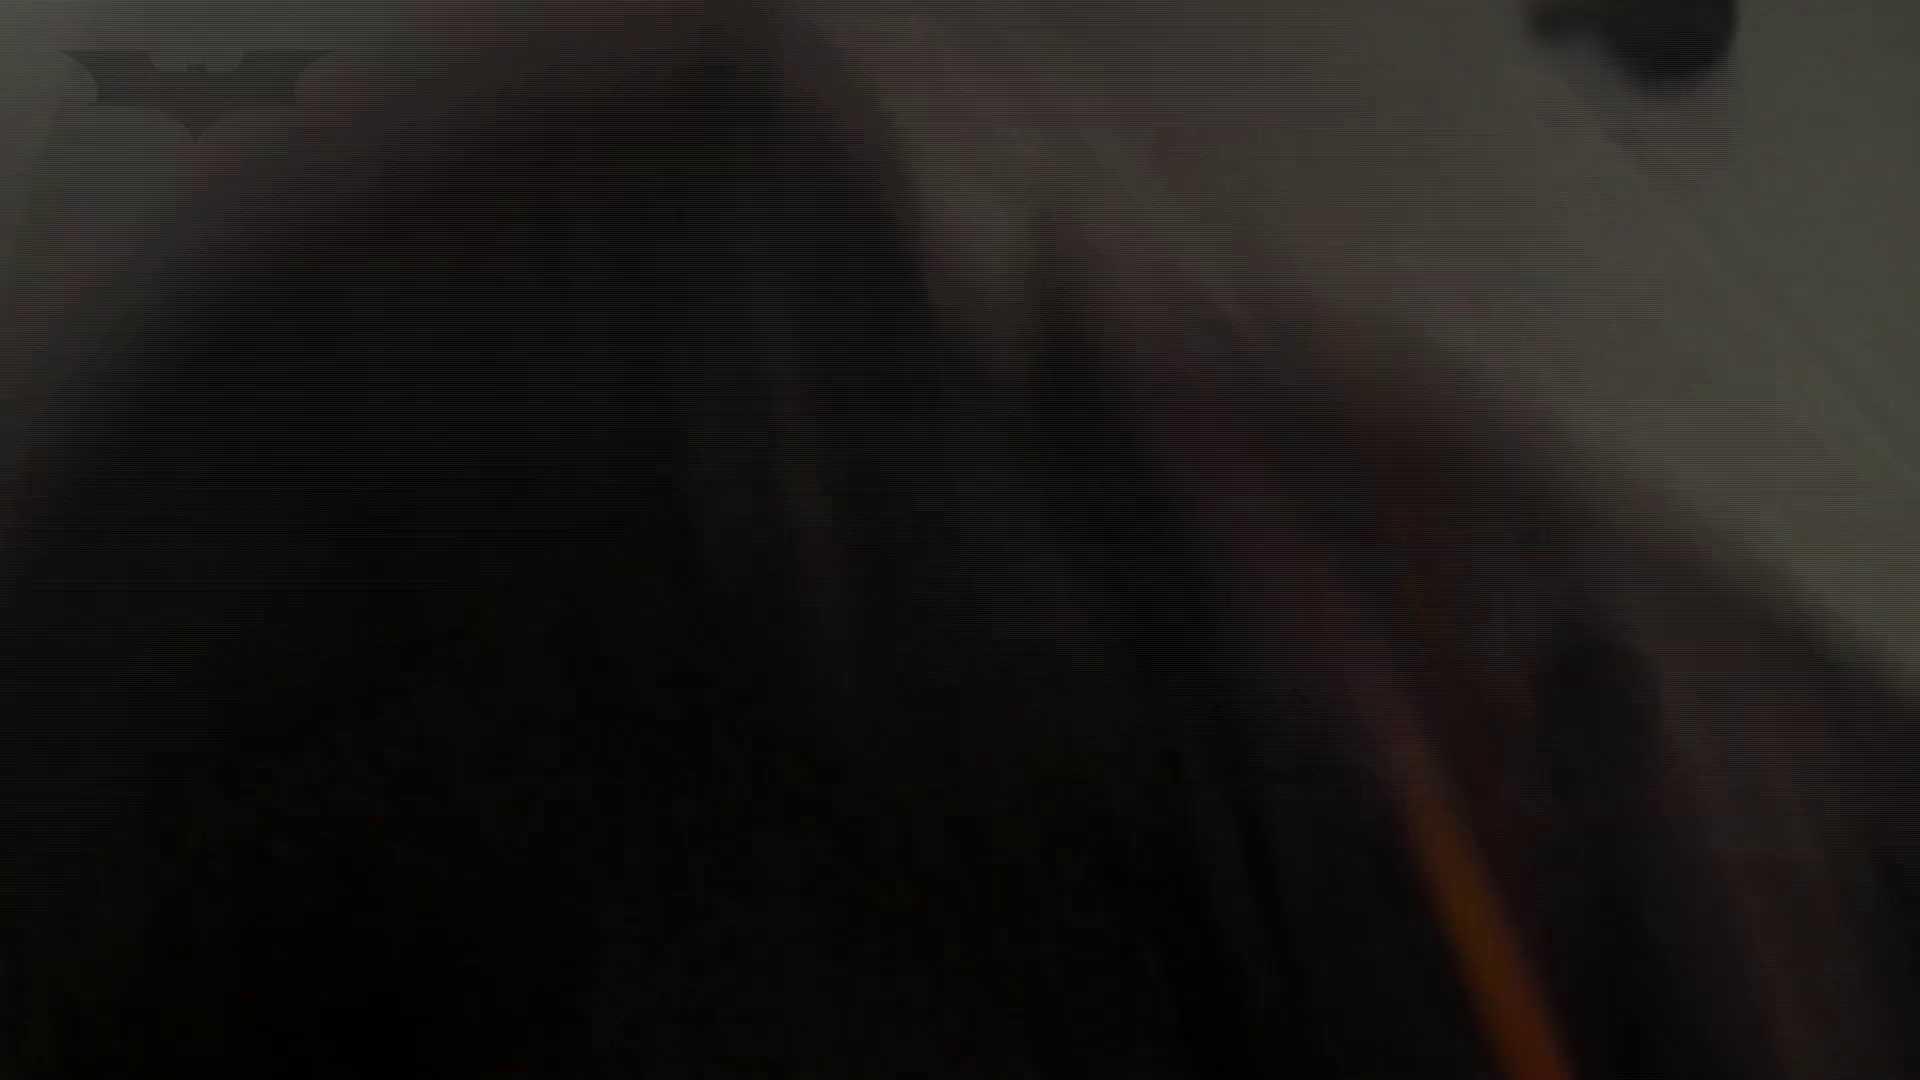 潜入!!台湾名門女学院 Vol.03 「中の中」と言ったところです。 丸見え エロ画像 77画像 18